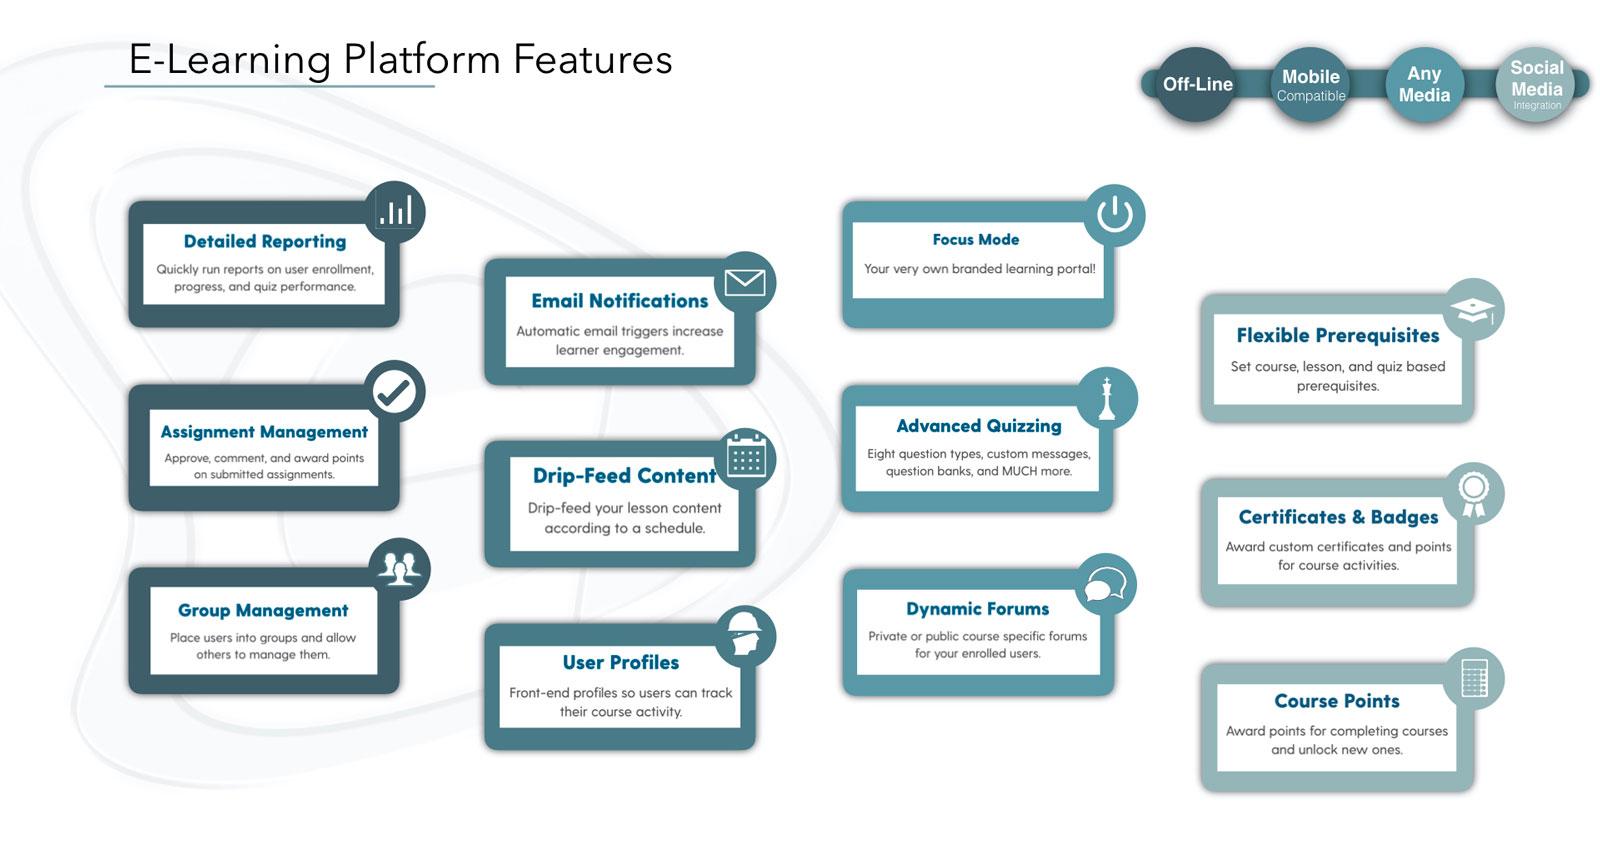 Δυνατότητες Πλατφόρμας E-Learning - E-Marketing Clusters